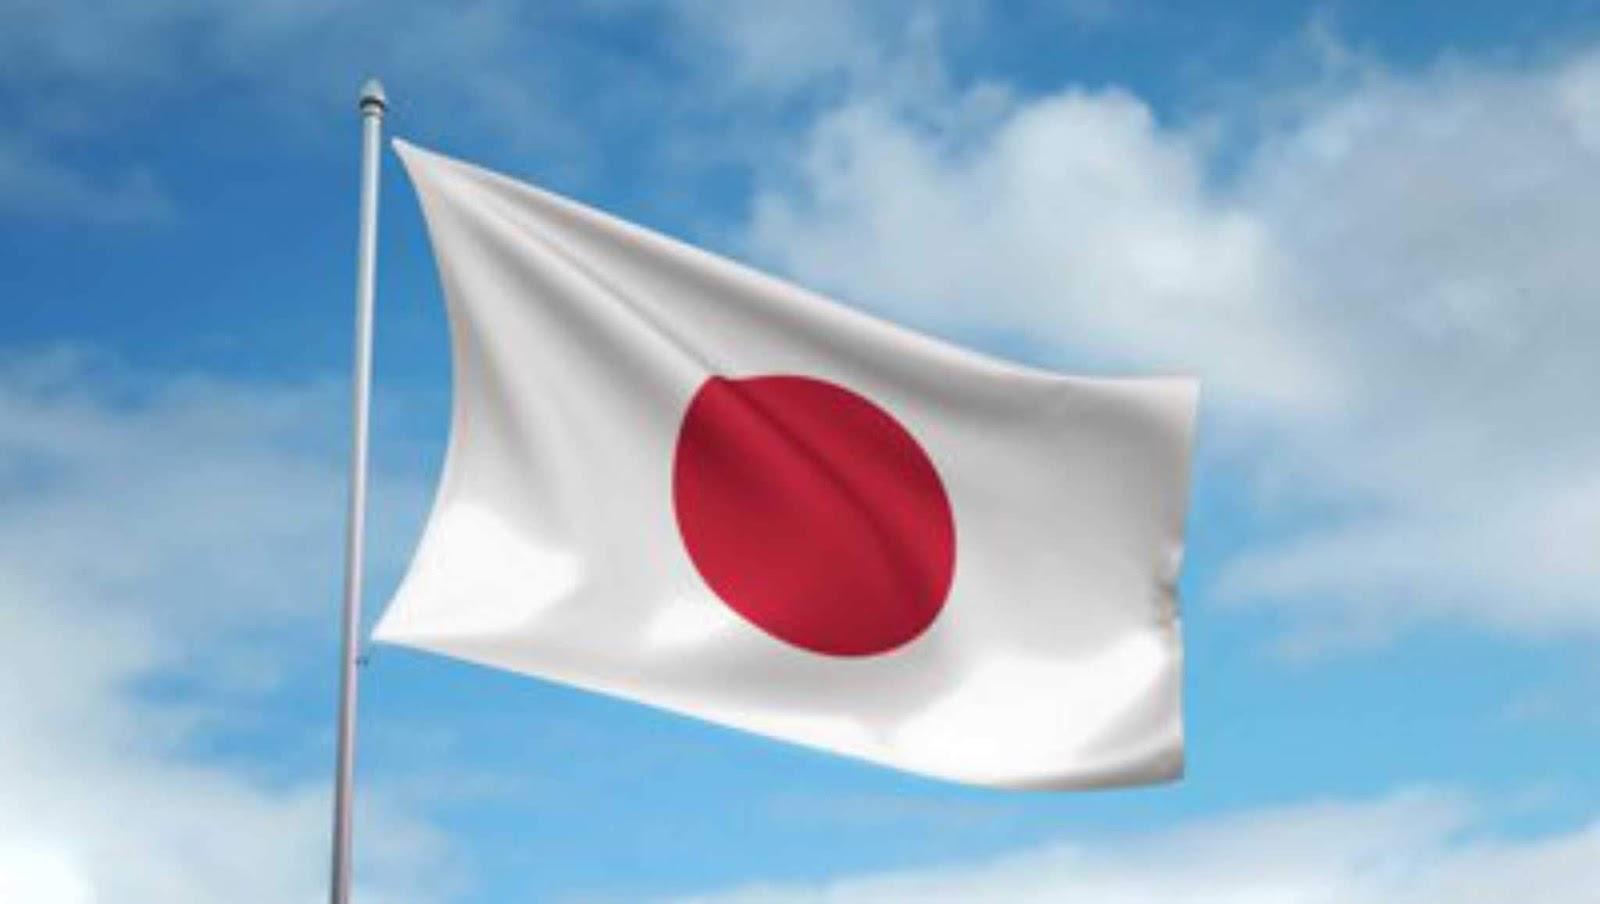 Jepang menciptakan pangkalan militer permanen di Djibouti